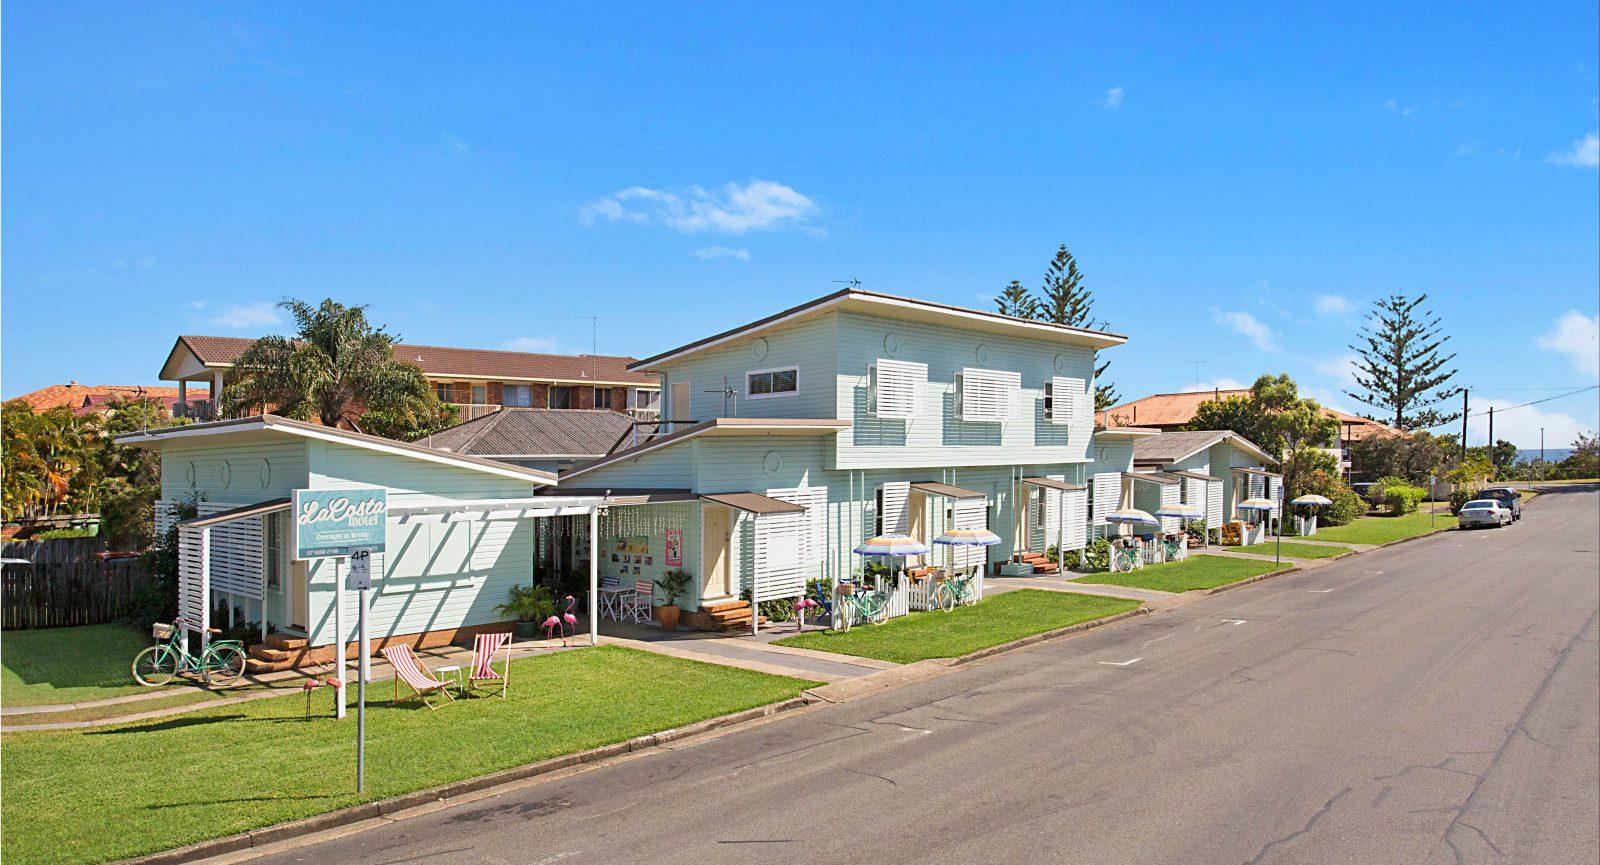 La Costa Motel